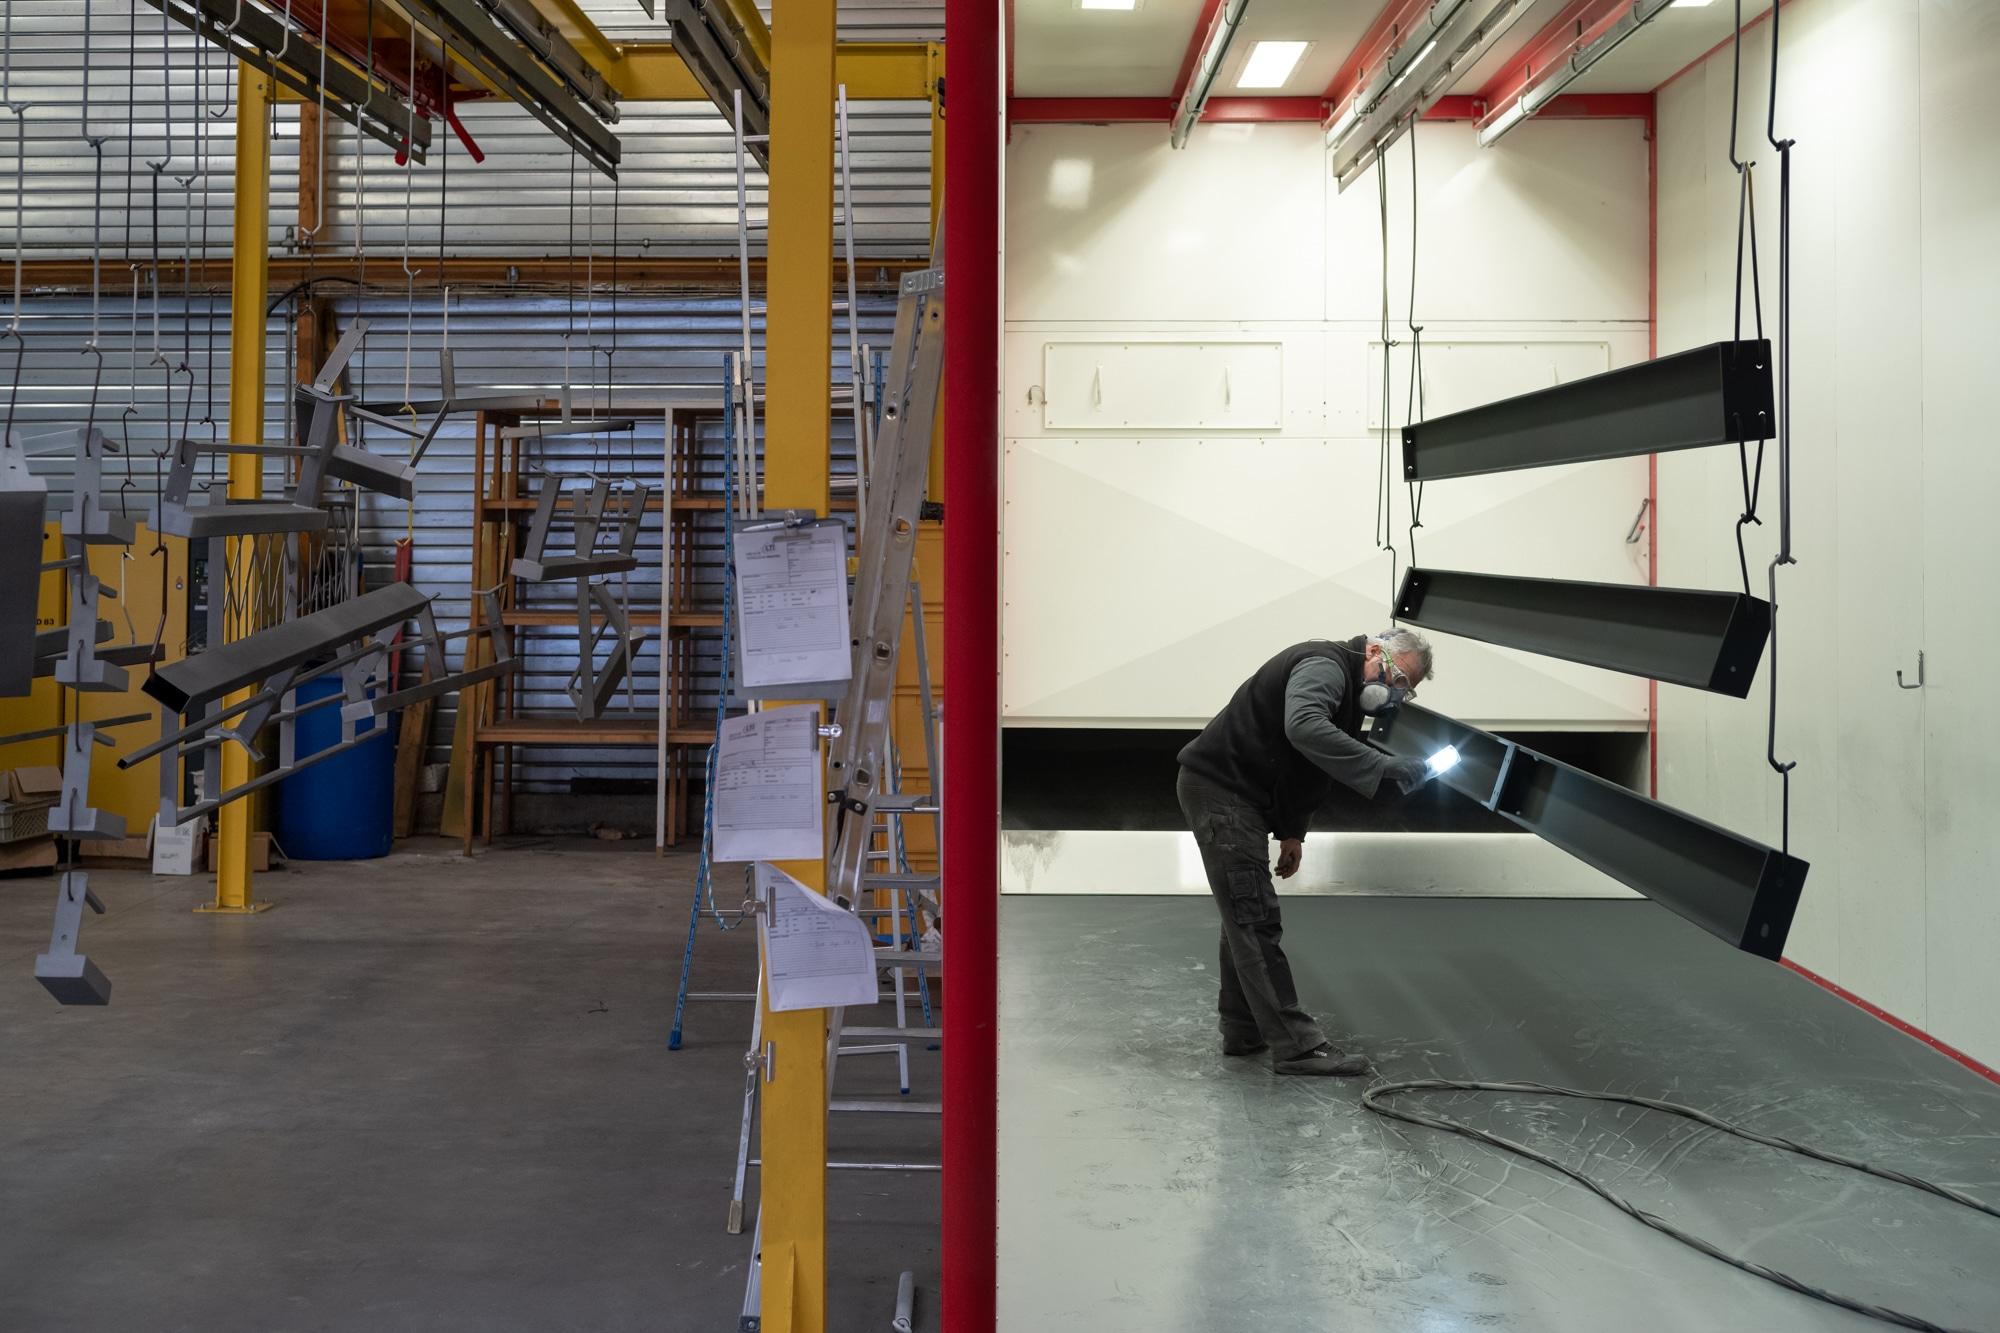 Penché sur une structure à l'aspect métallique, dans un atelier, une personne portant des lunettes et un masque de protection examine la pièce à l'aide d'une lampe